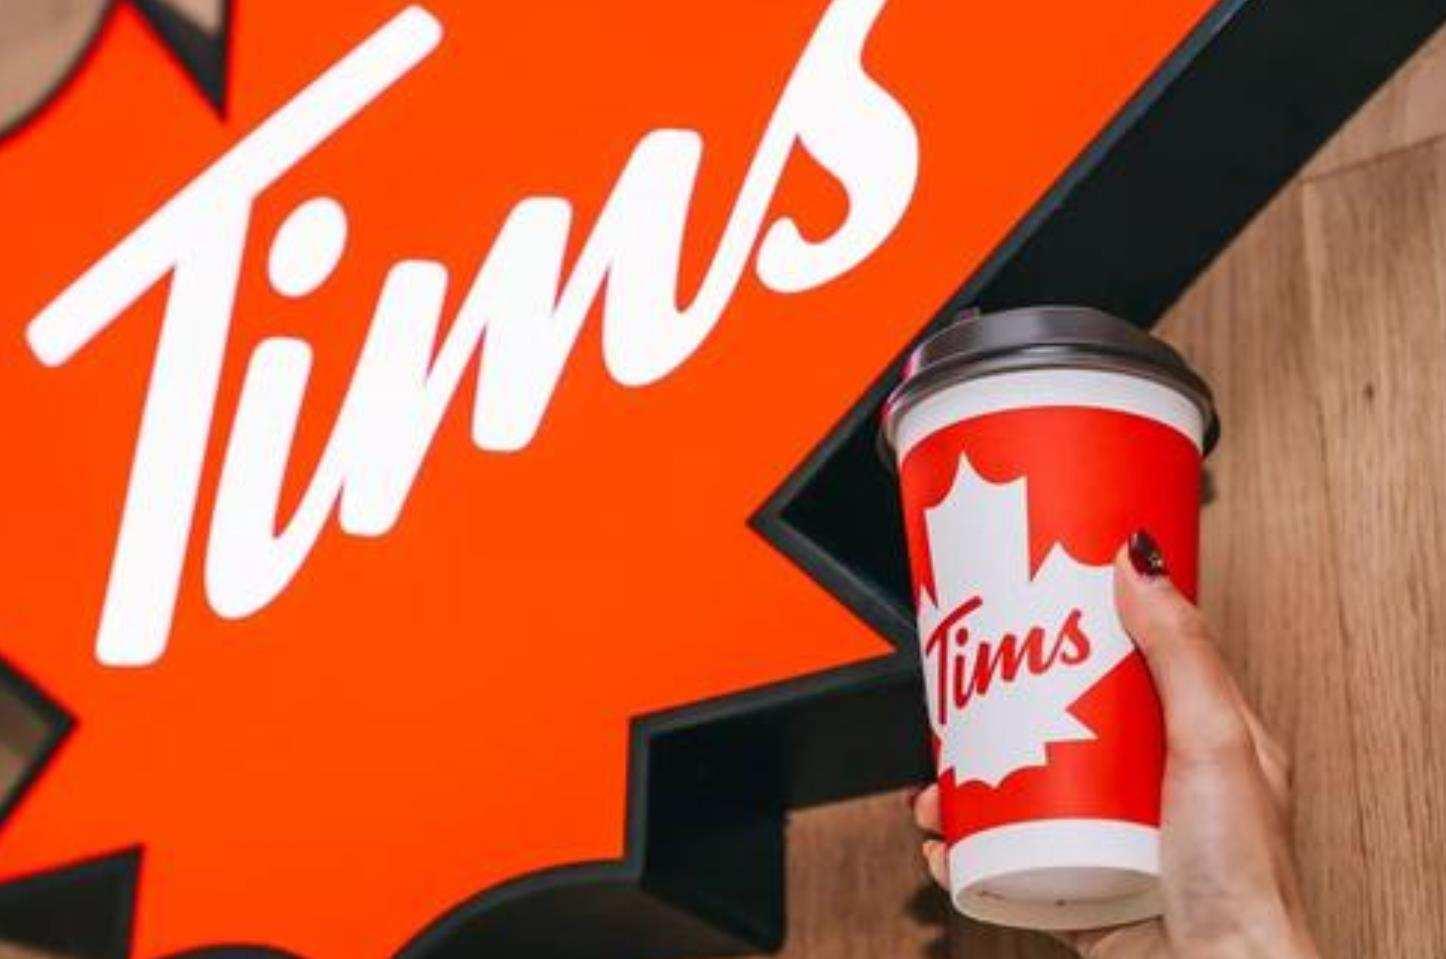 加拿大咖啡Tims再获腾讯加持,他能接棒瑞幸击败星巴克吗?